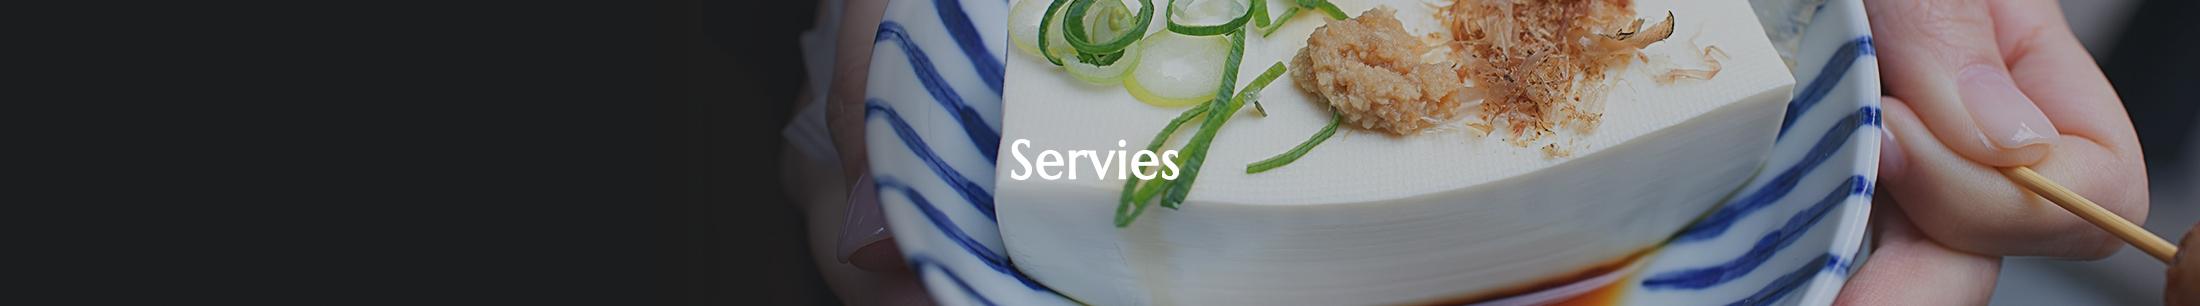 Seikatsu servies